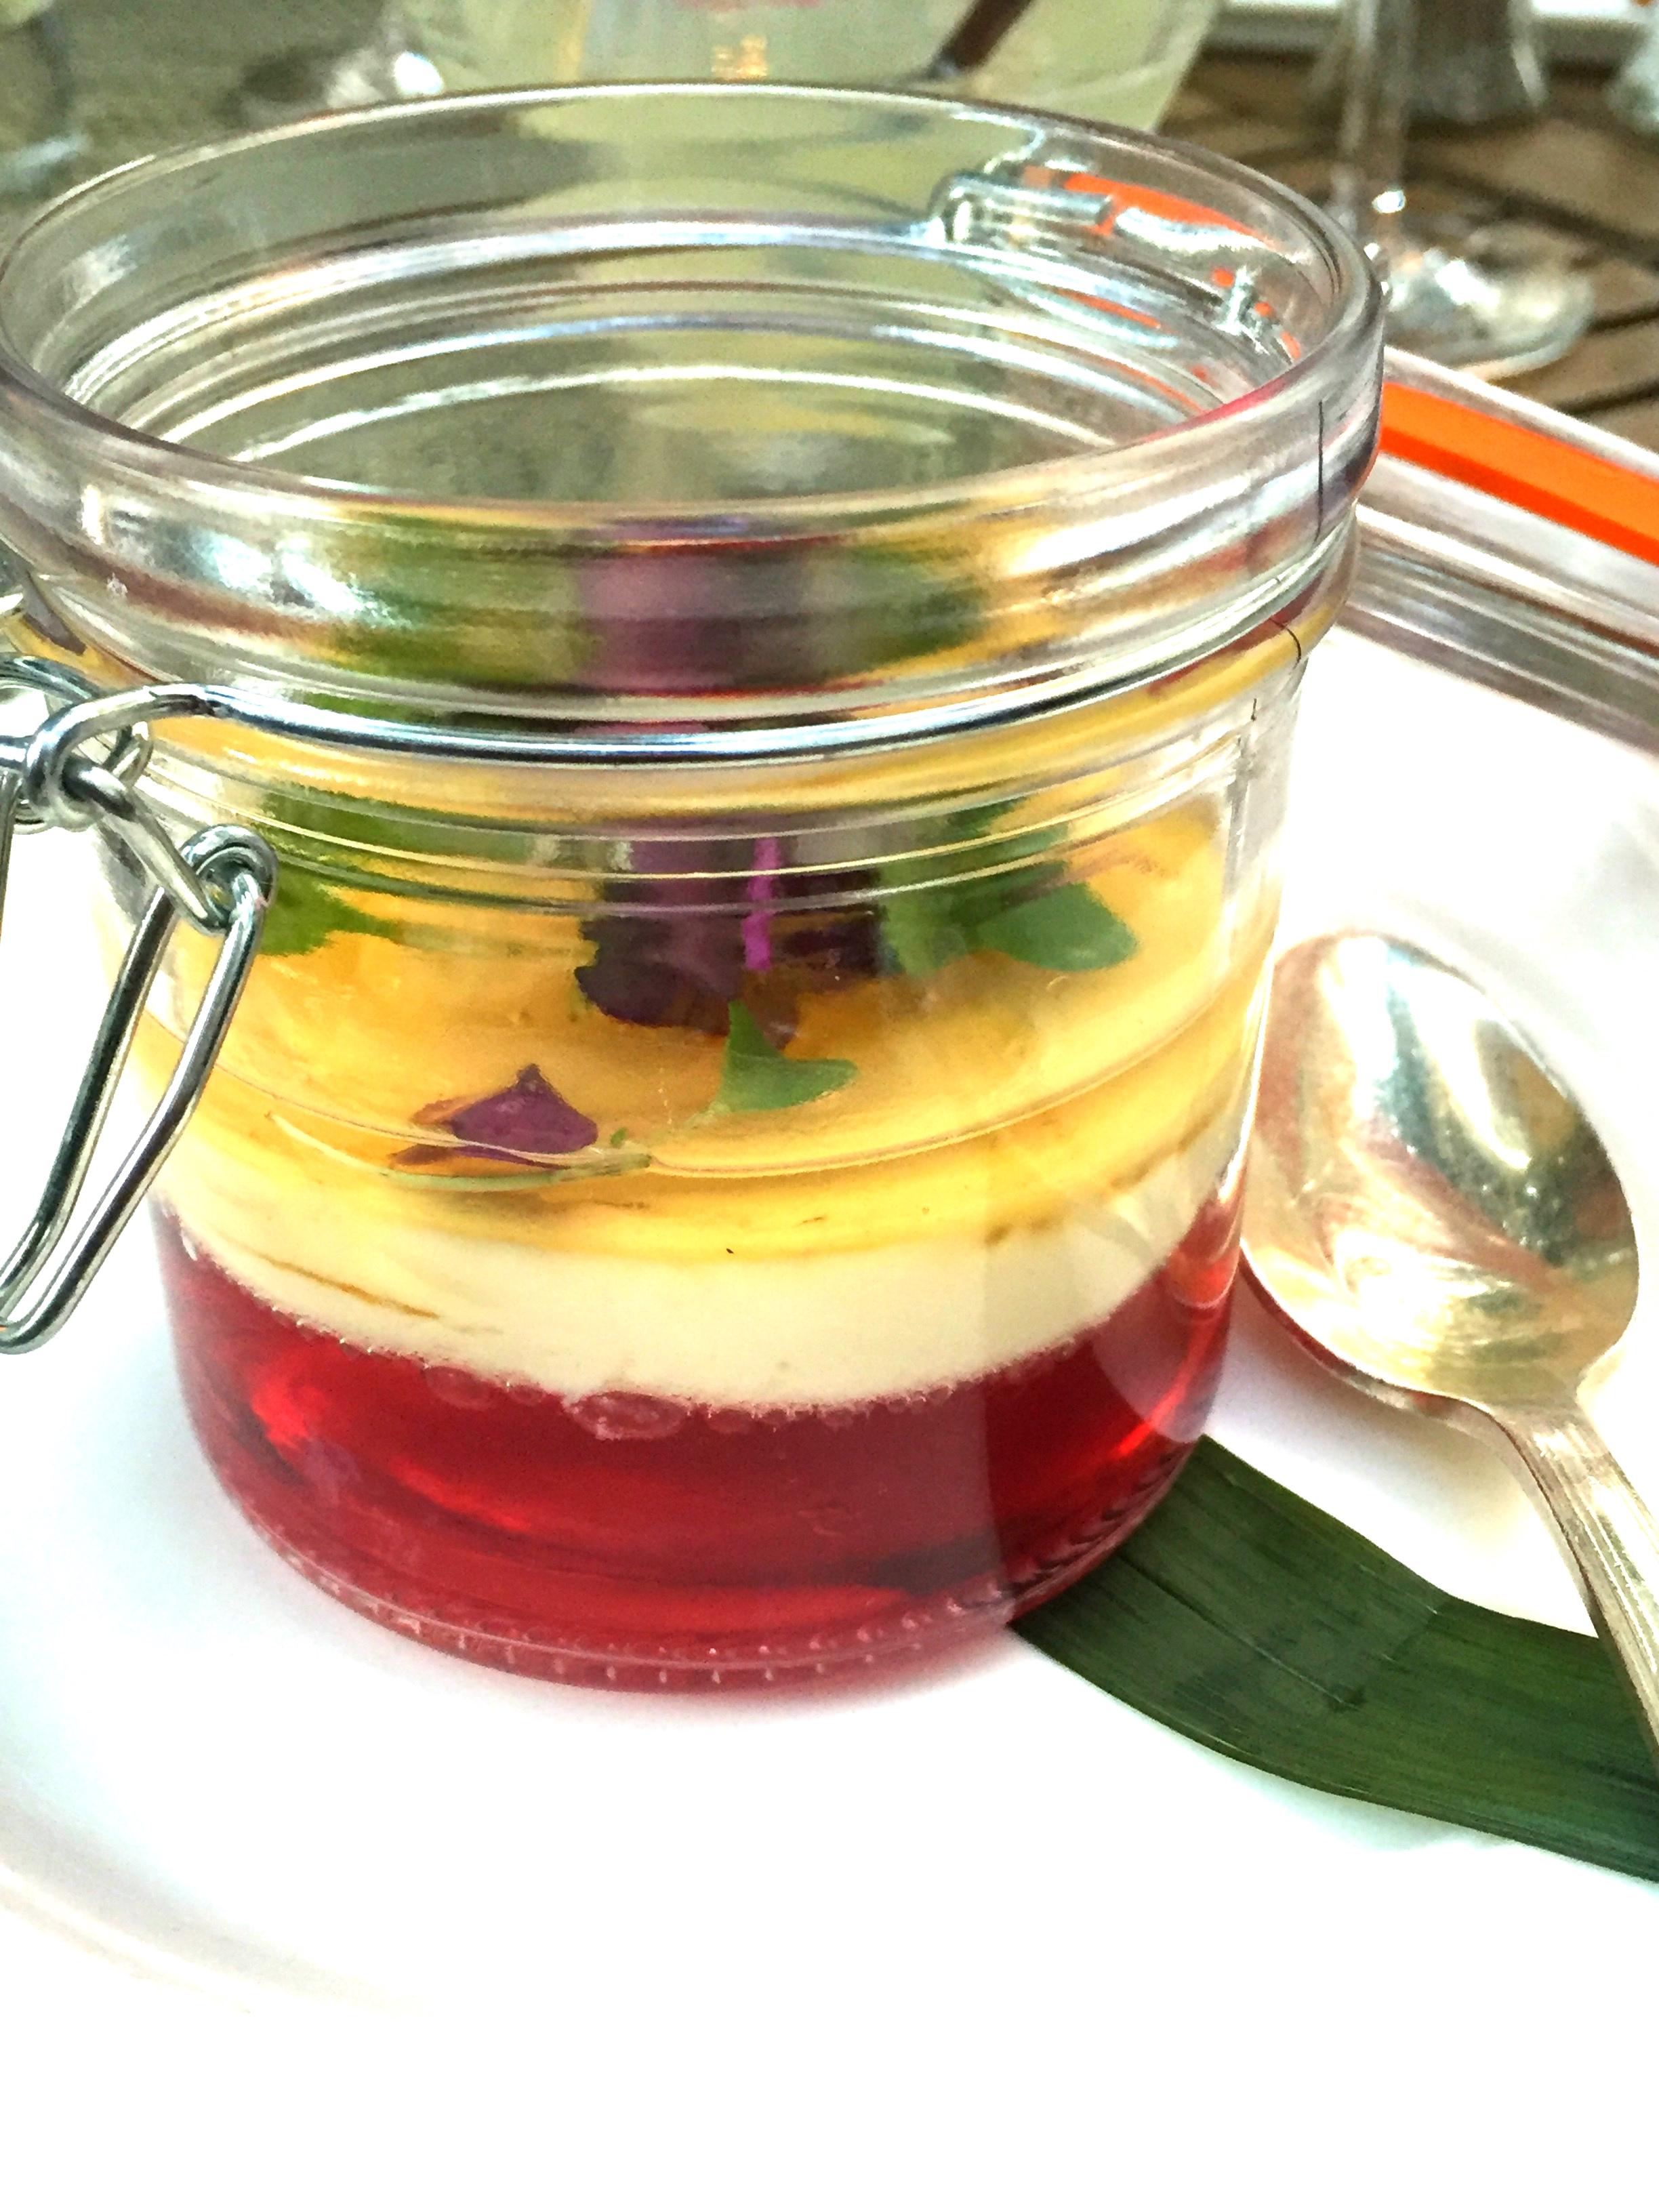 Goat Cheese & Cauliflower Panna Cotta Cranberry Gelée, with Wild Flower Honey